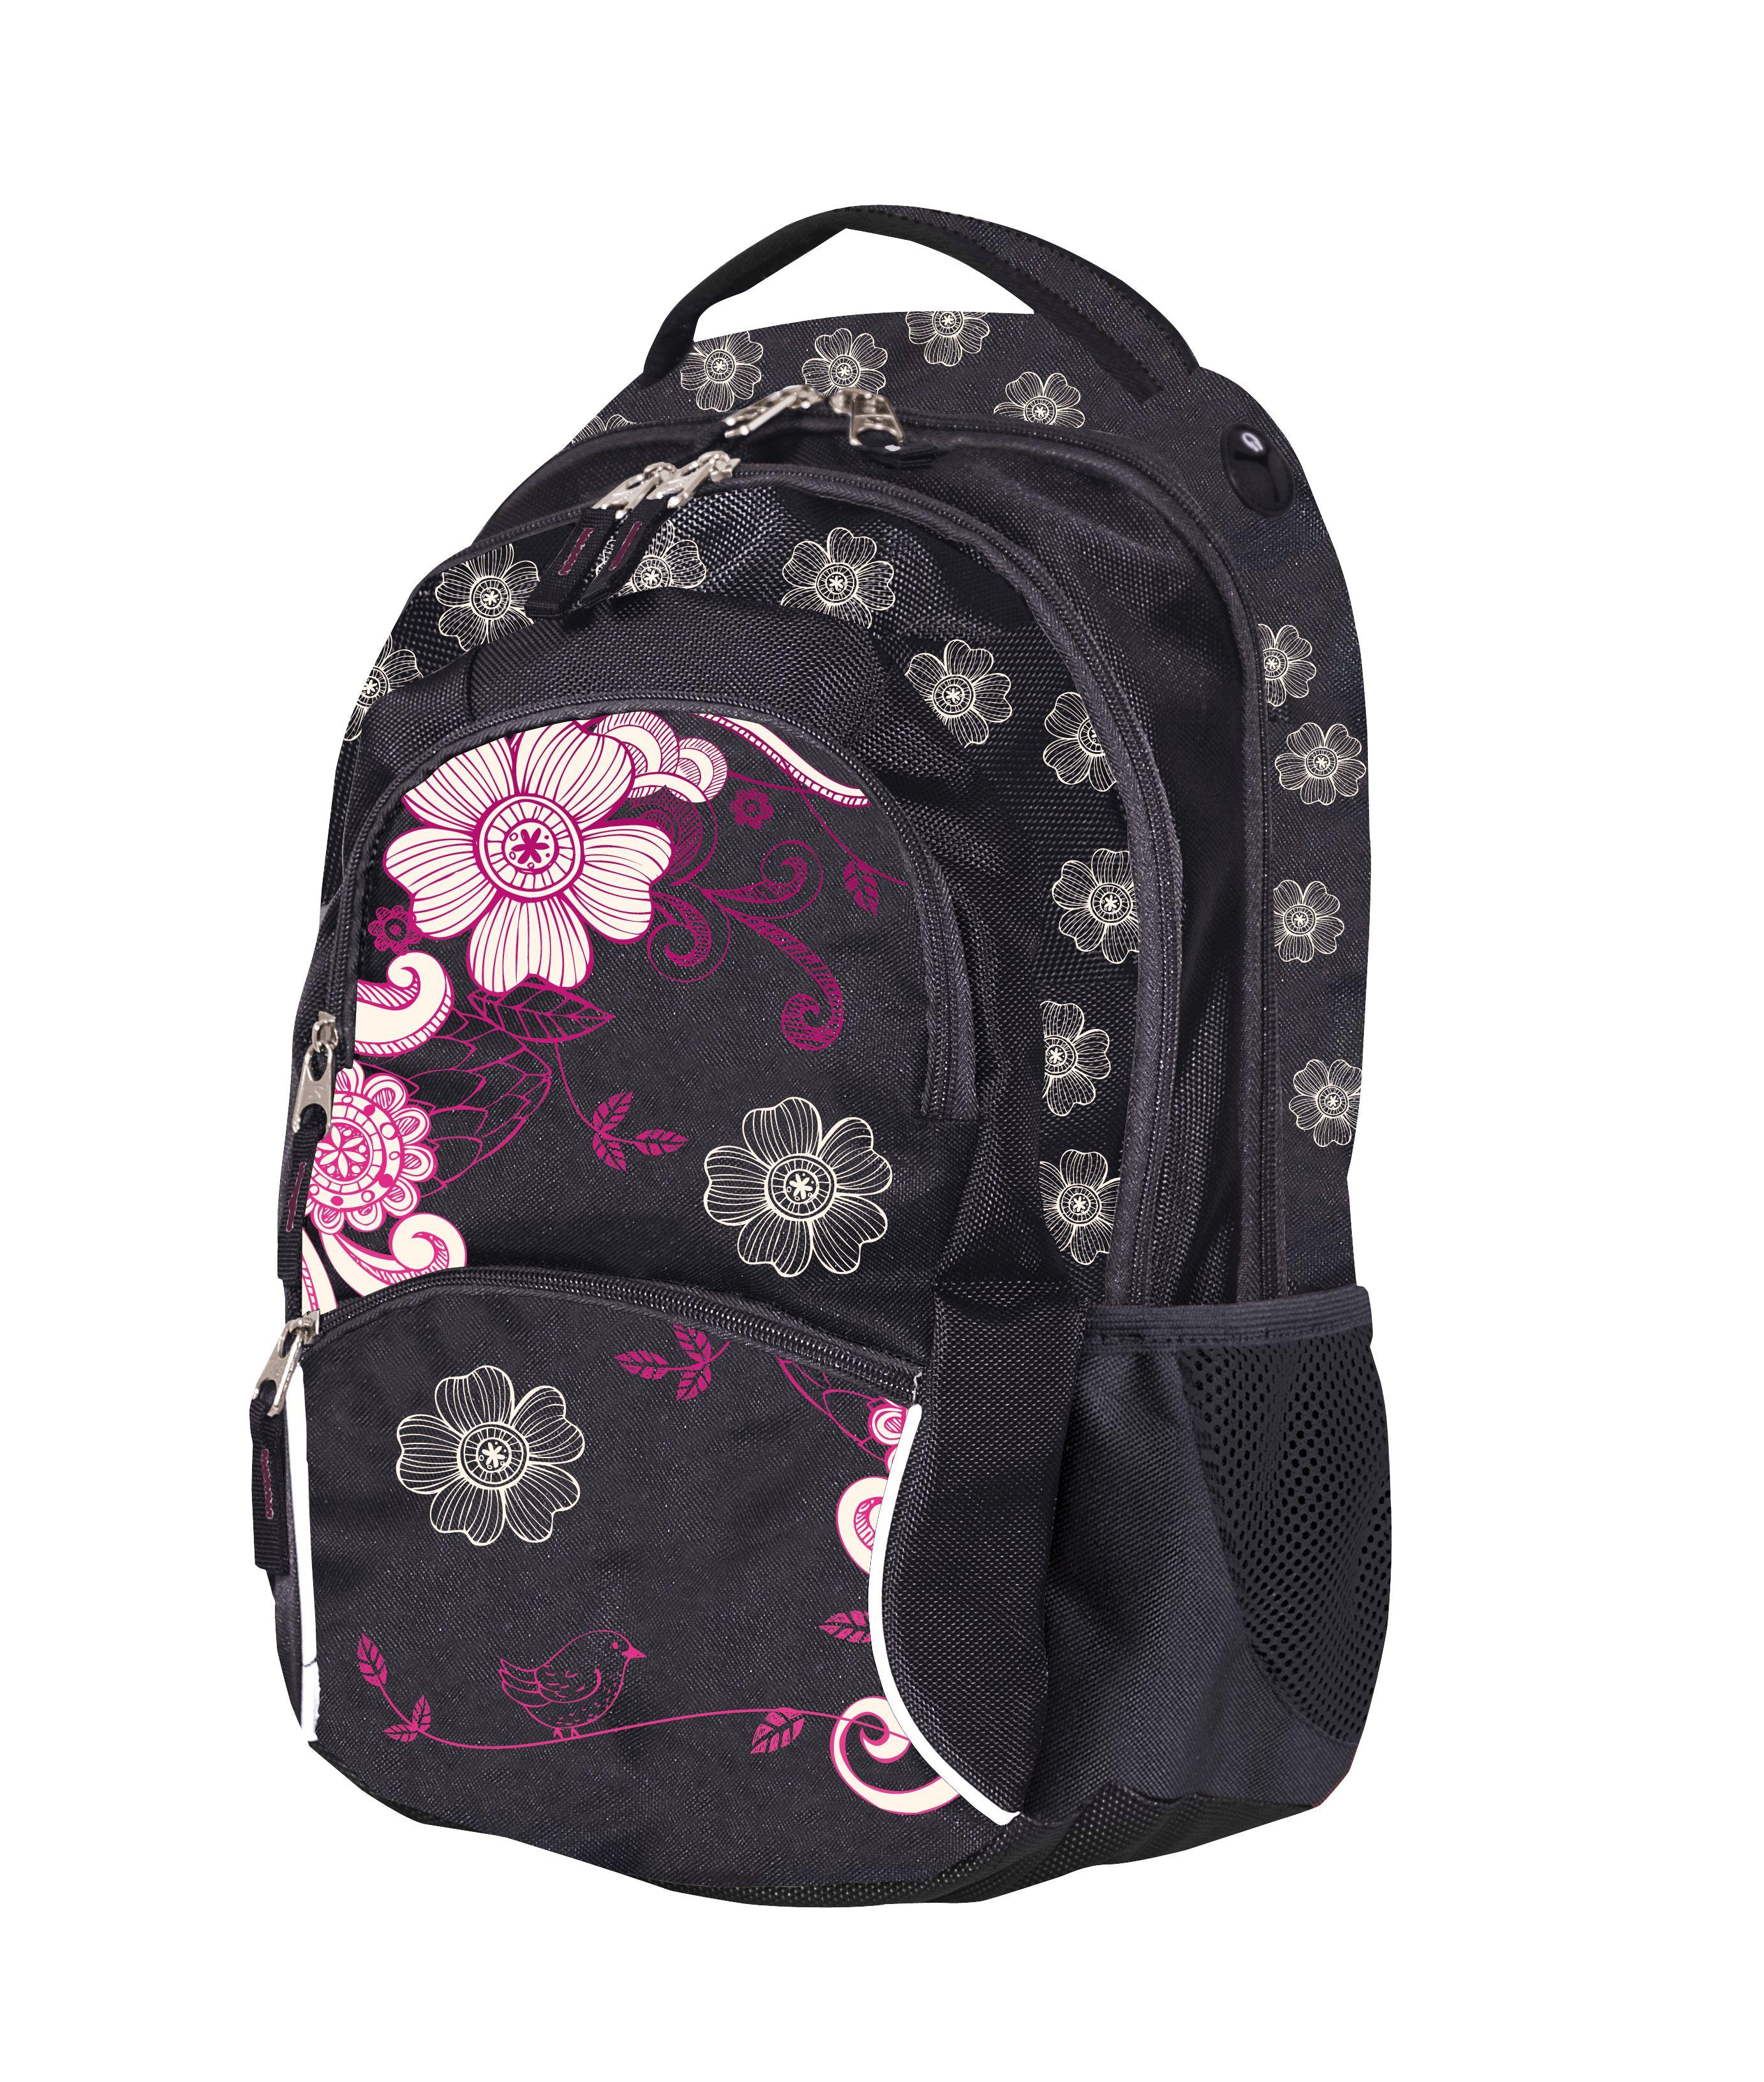 School Bag Style  Školní batoh Style  680a50b655